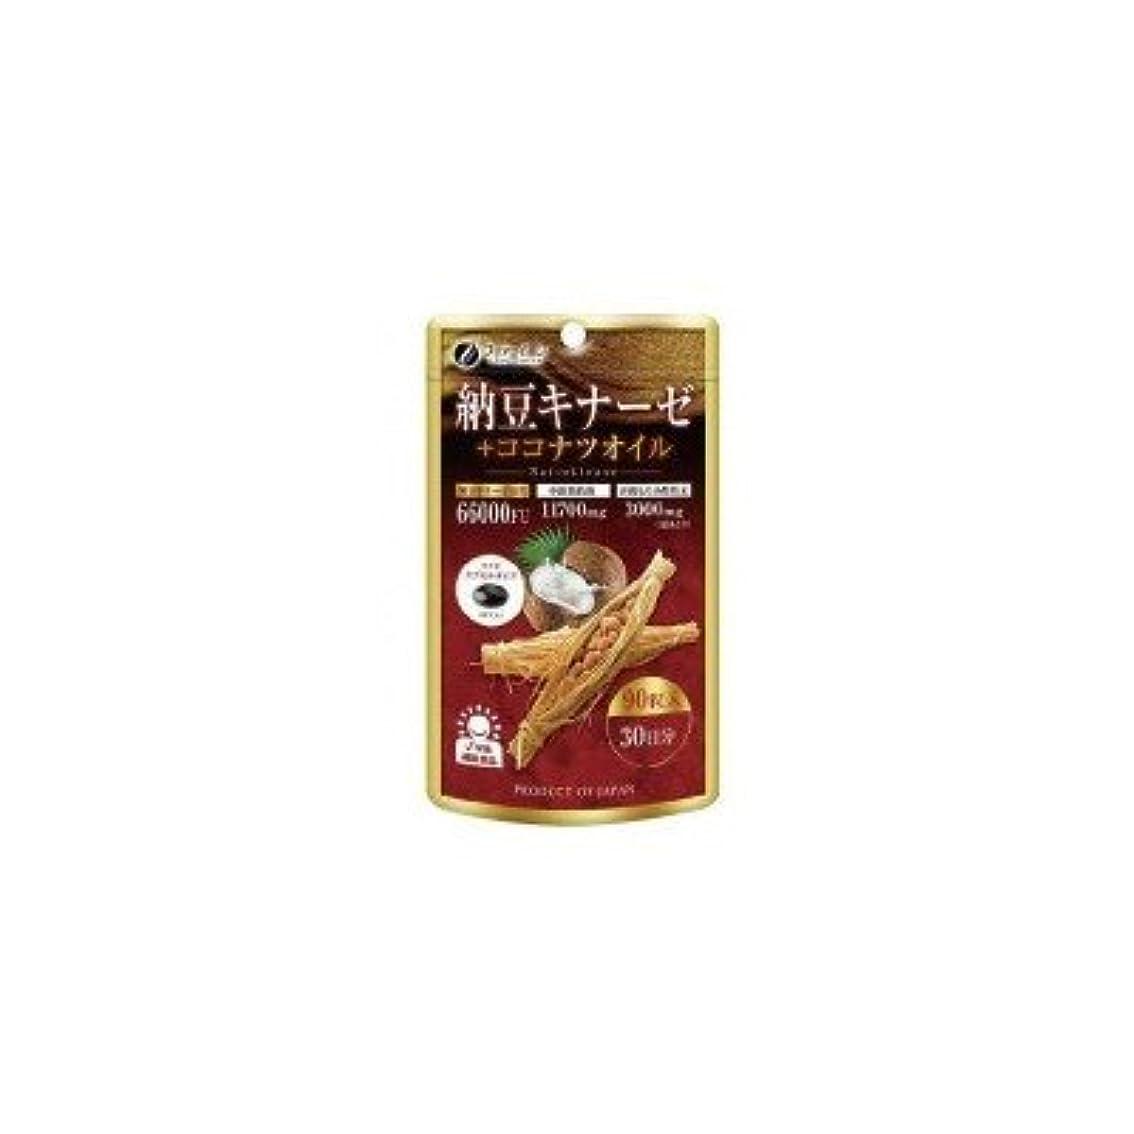 プレゼントデマンド容器ファイン 納豆キナーゼ+ココナツオイル 40.5g(450mg×90粒)